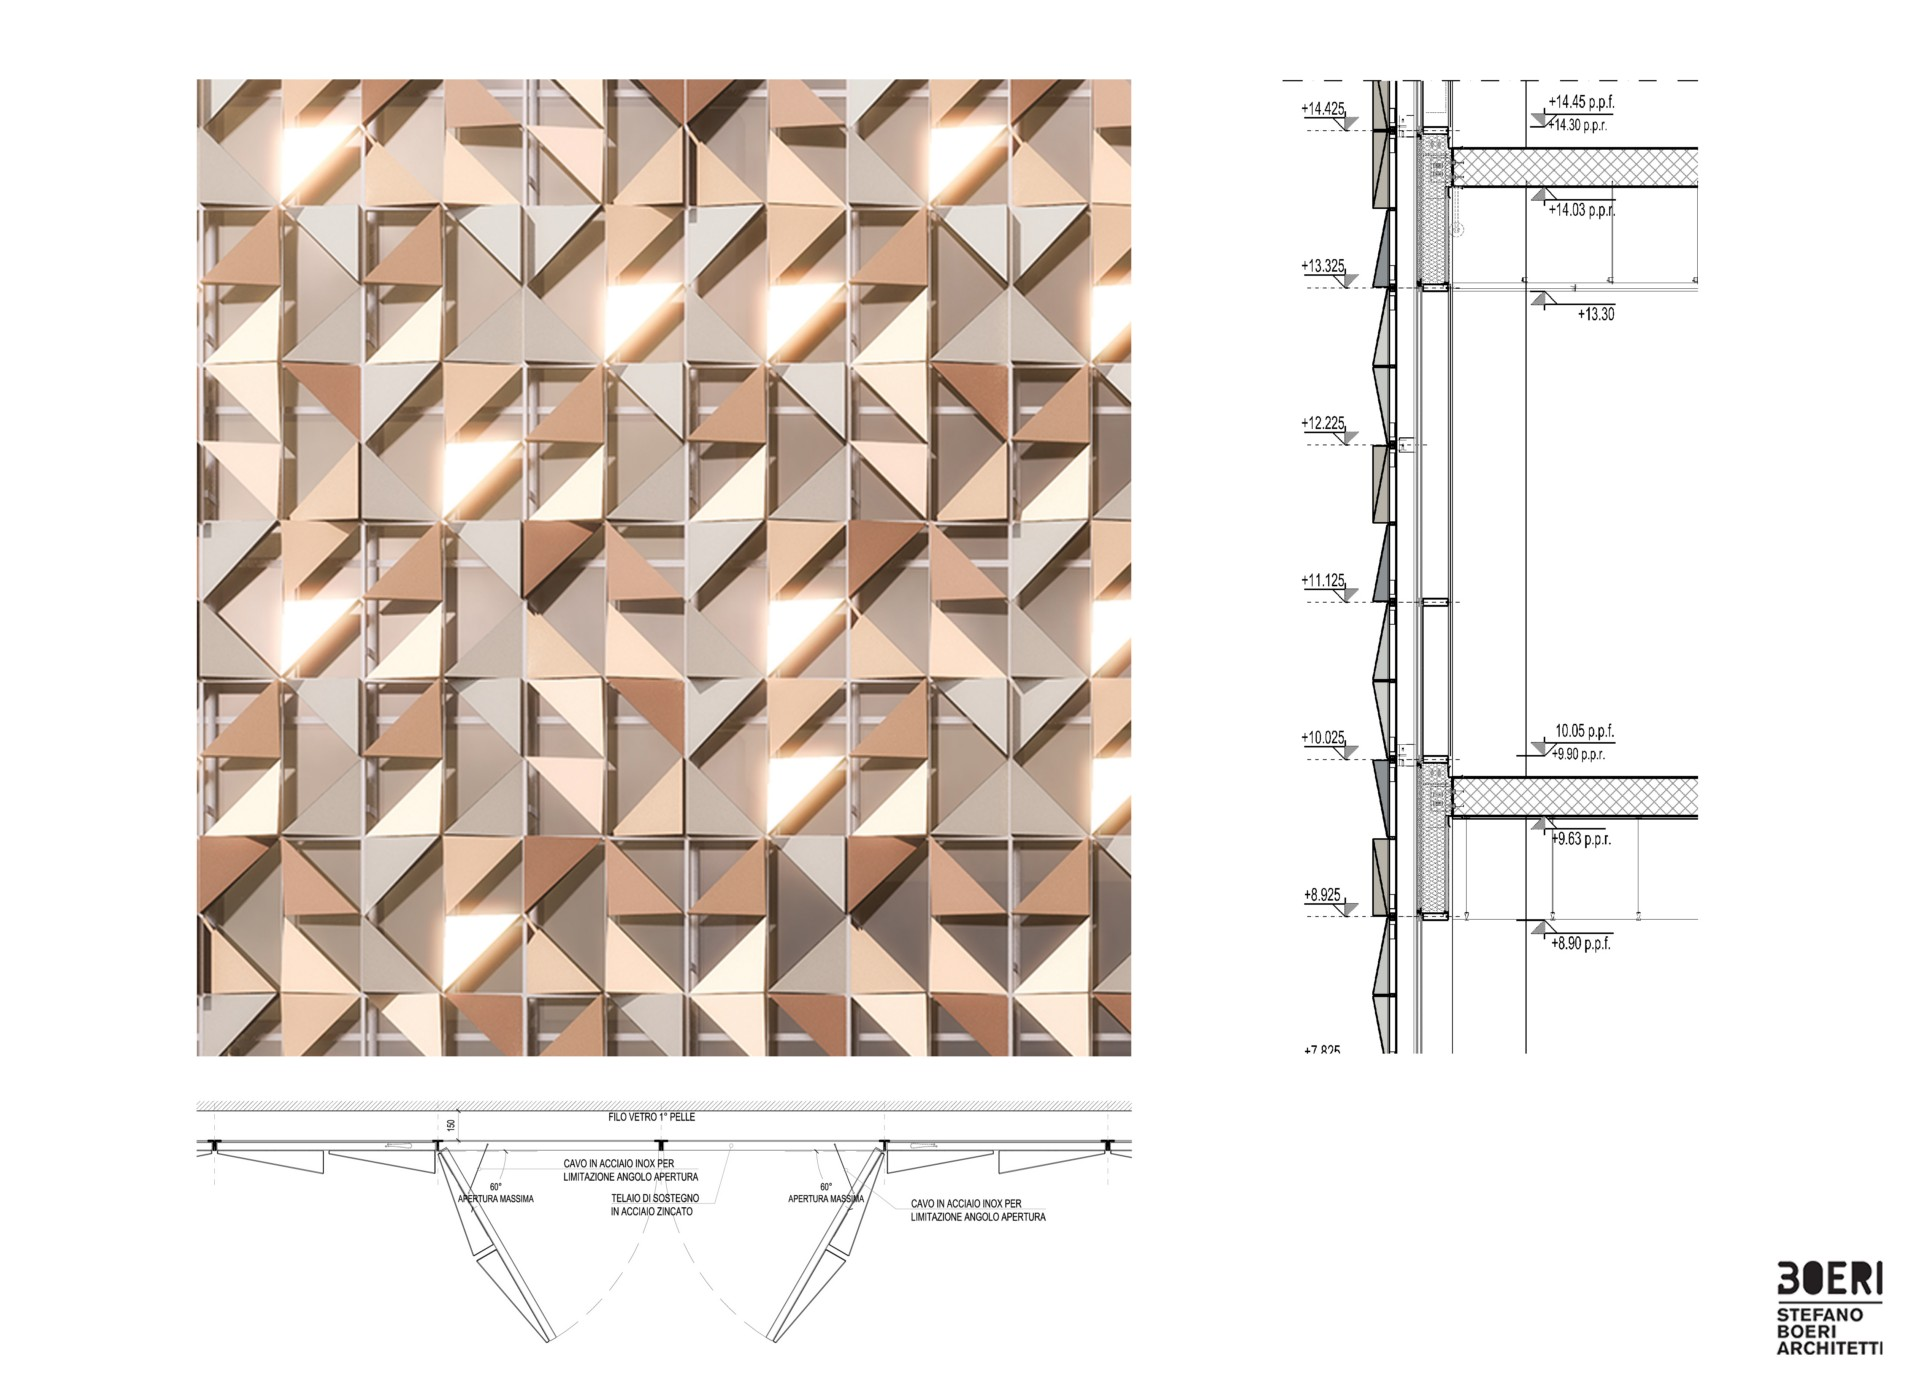 Stefano Boeri Architetti's first project in Tirana, the Blloku Cube